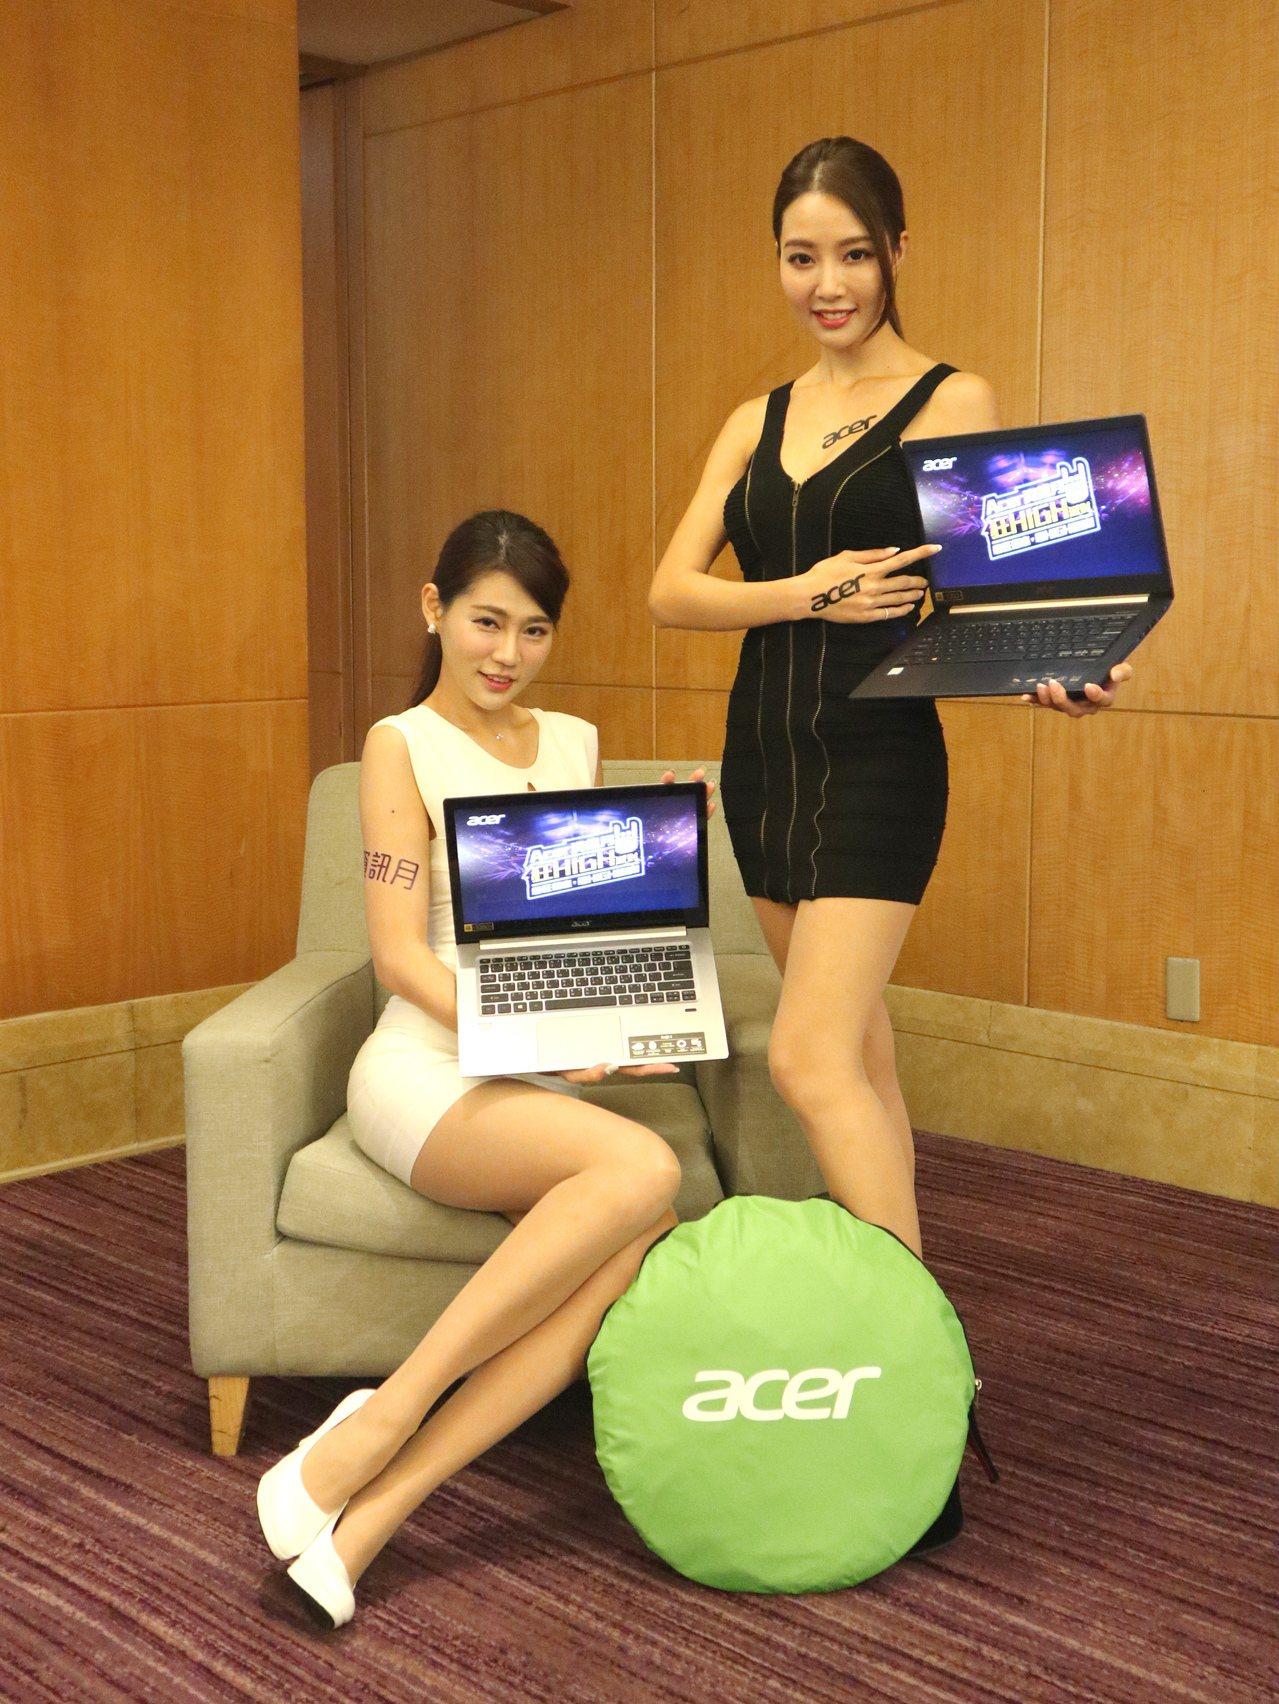 資訊月購買宏碁搭載Intel Core處理器筆電及桌機,展場另加碼送Acer秒開...